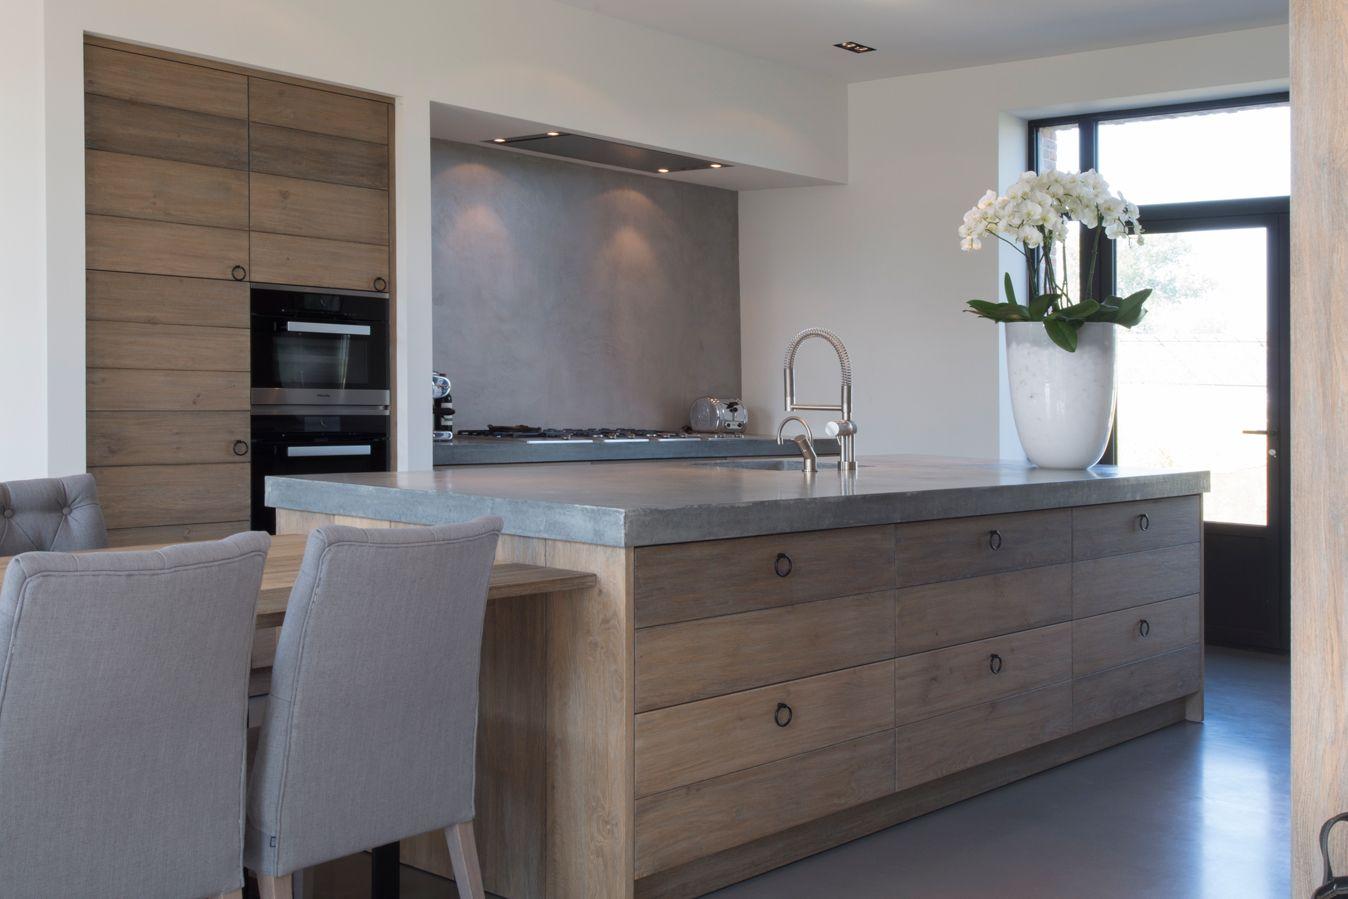 Kookeiland met betonnen blad wonen pinterest keuken keukens en met - Eigentijdse houten keuken ...